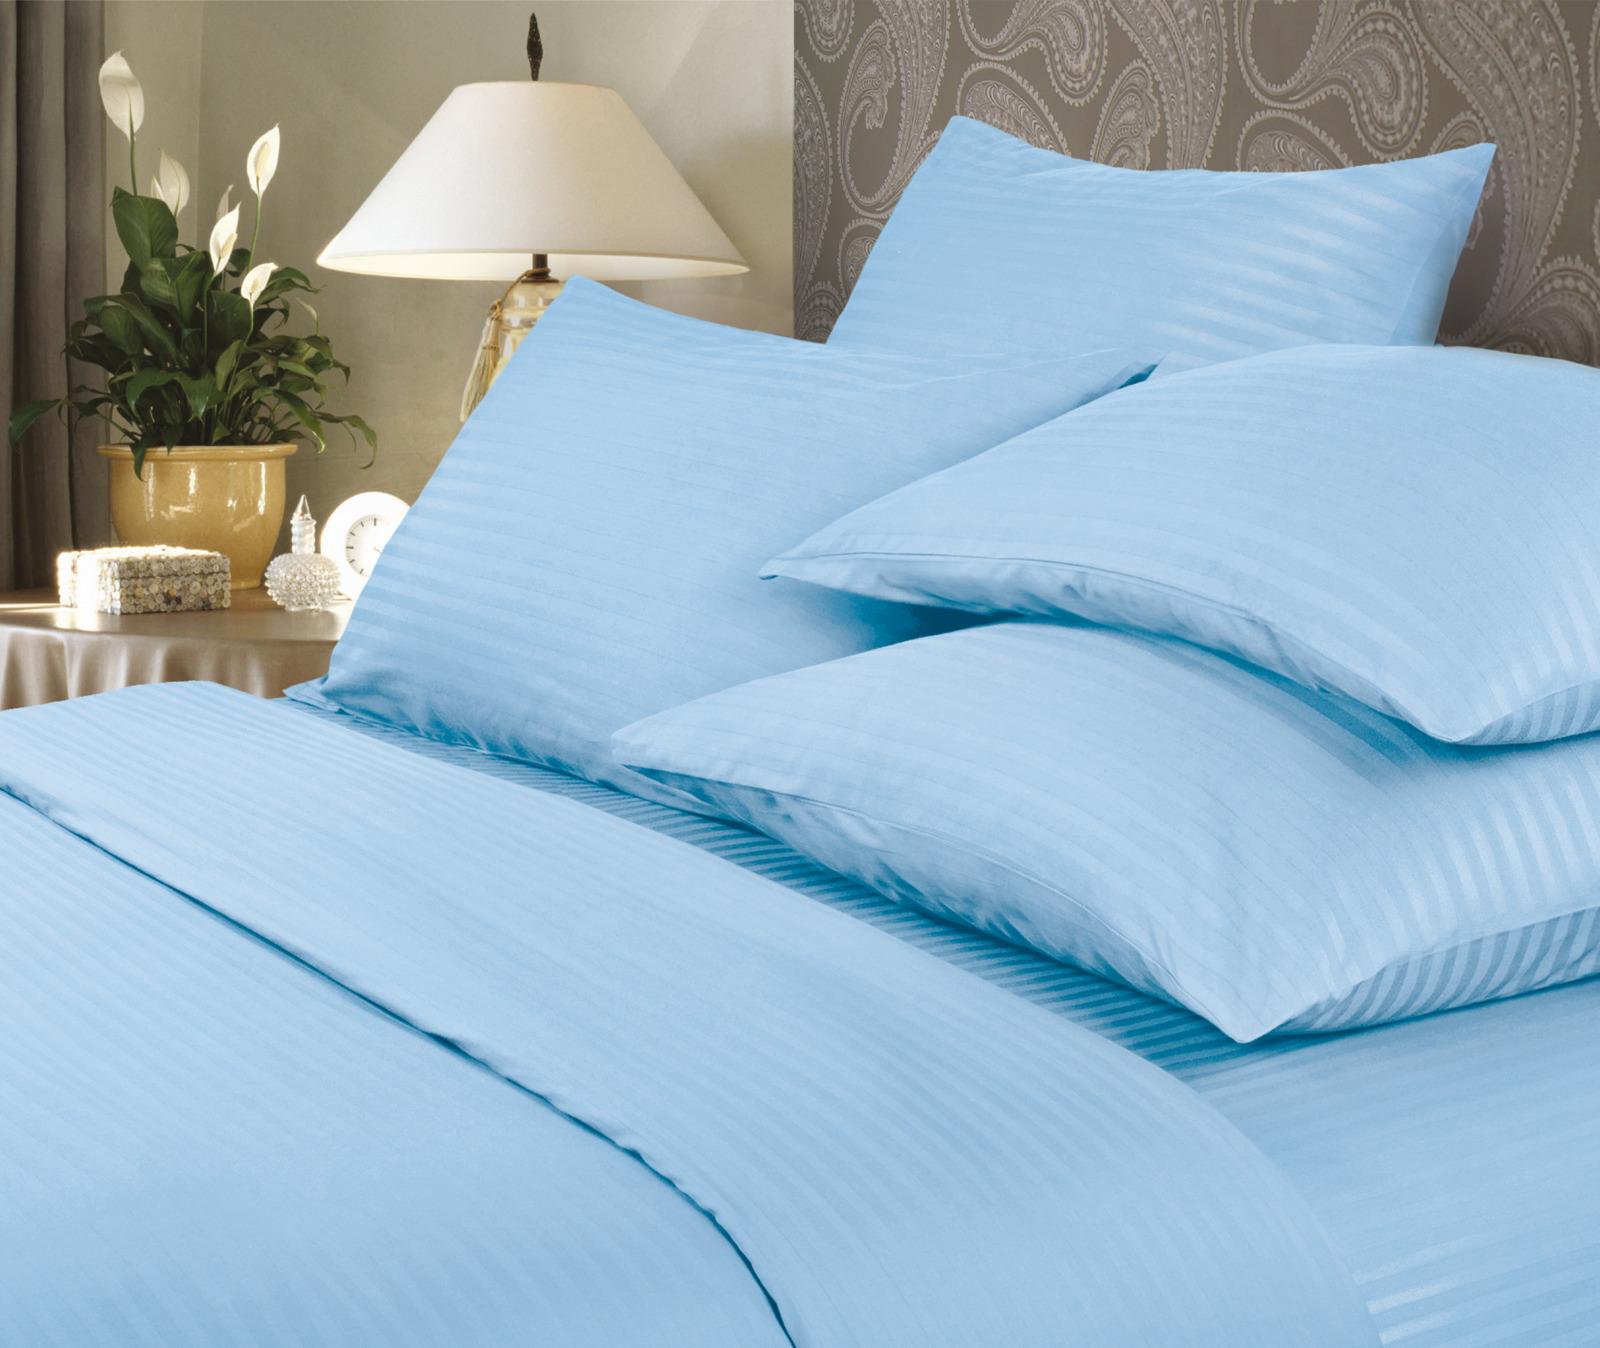 Комплект белья Verossa Sky, 2-спальный, наволочки 70x70. 718984